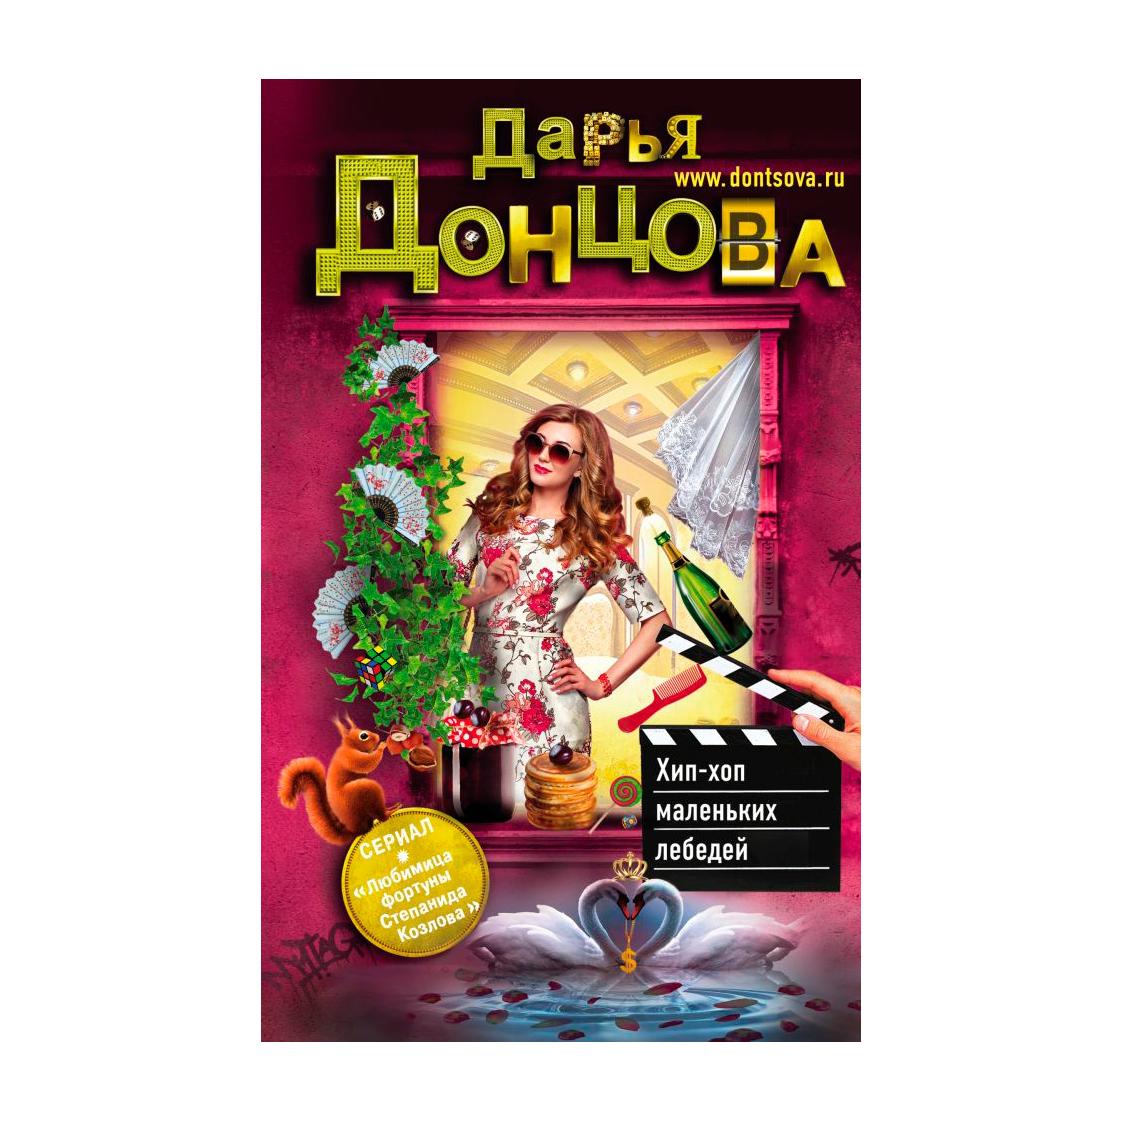 Книга Эксмо Хип-хоп маленьких лебедей. Дарья Донцова